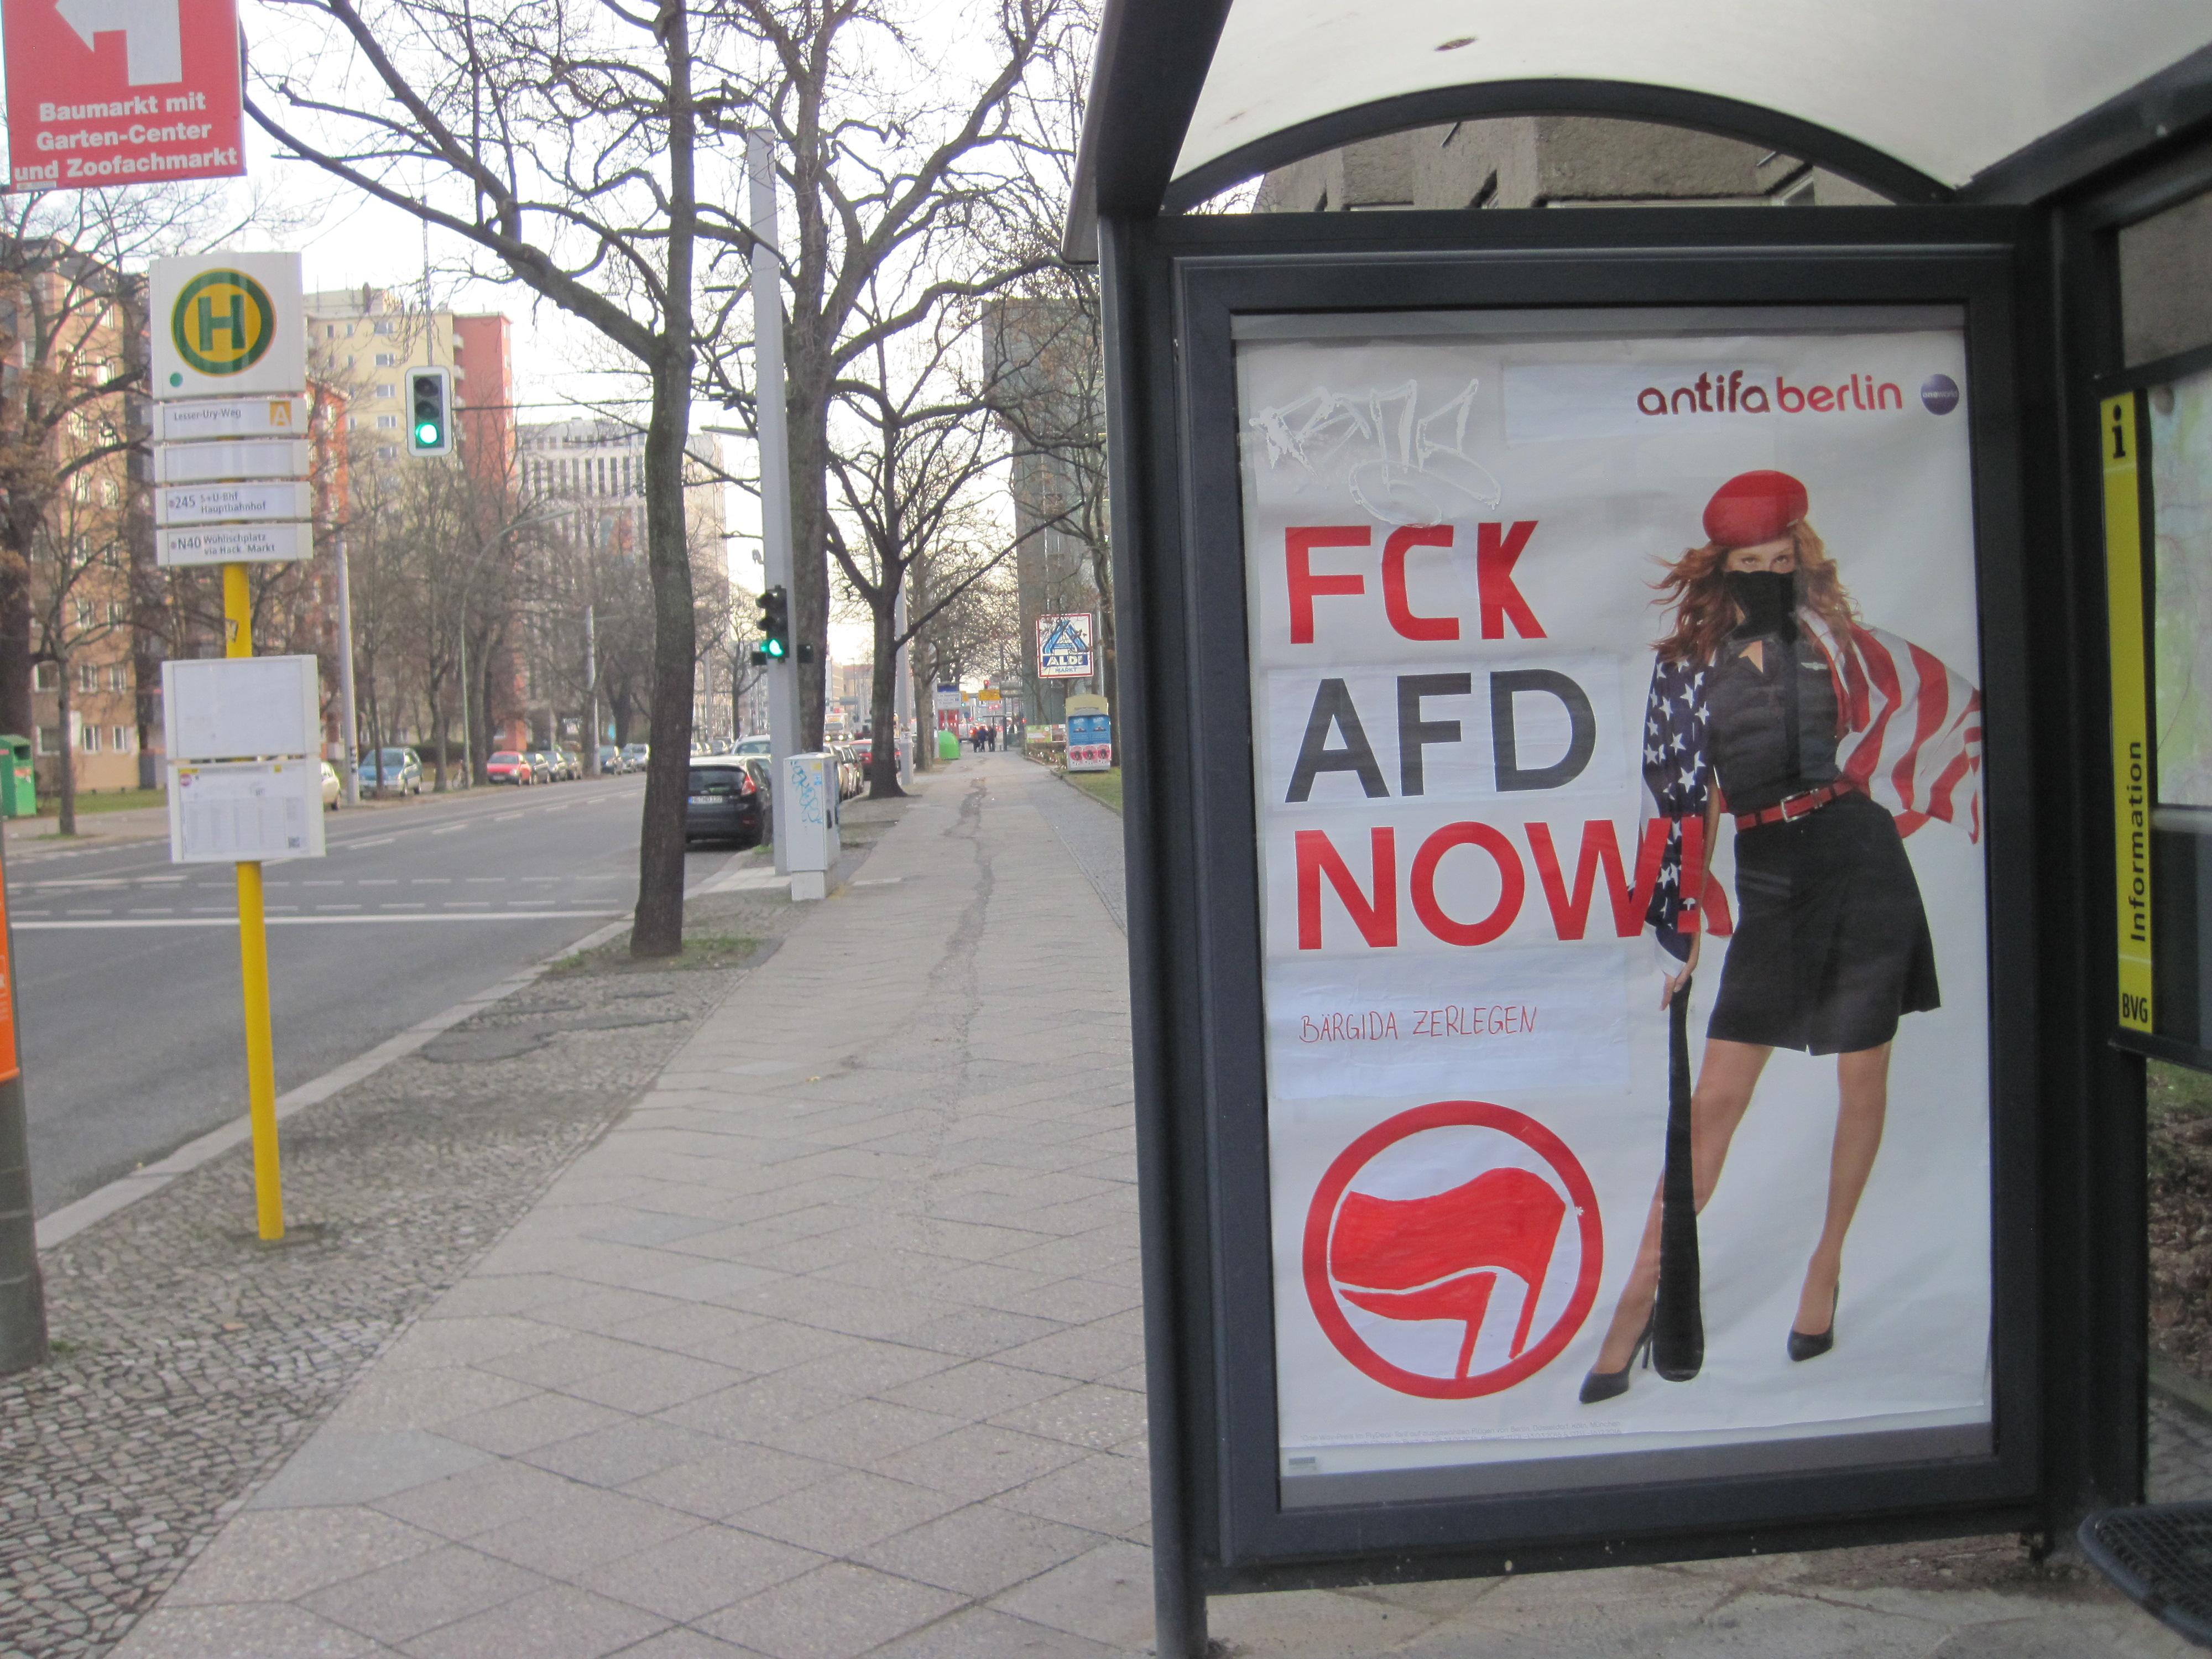 FCK AFD statt Fly USA- Adbusting am Berliner HBF